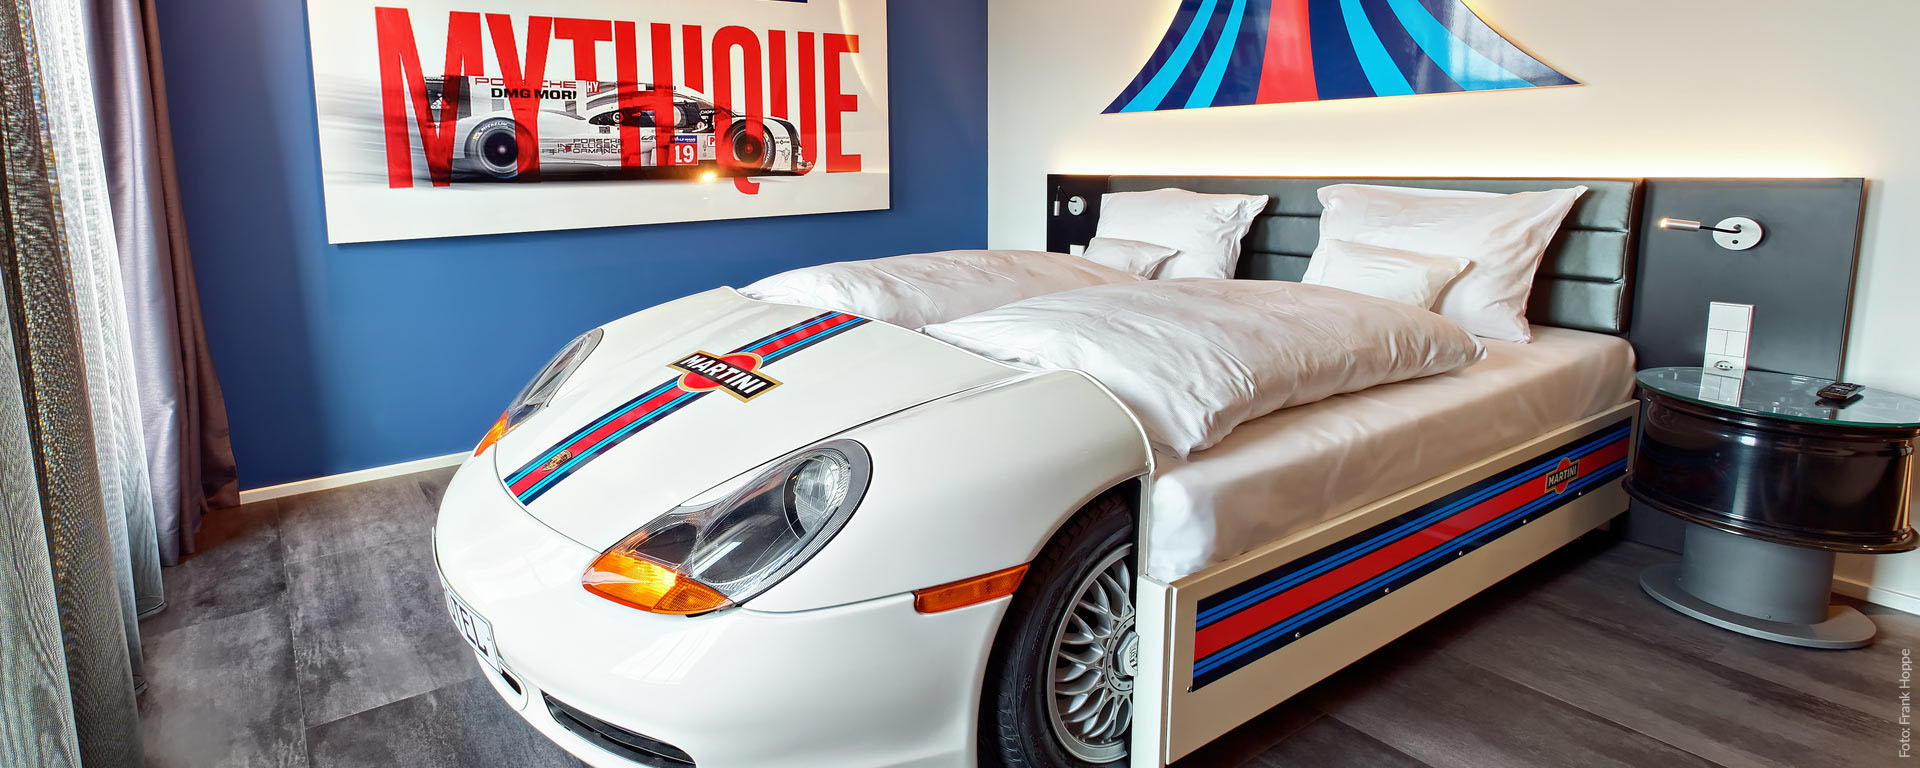 V8 Hotel vier Sterne Superior Böblingen-Sindelfingen: Porsche-Boxster Martini-Designzimmer